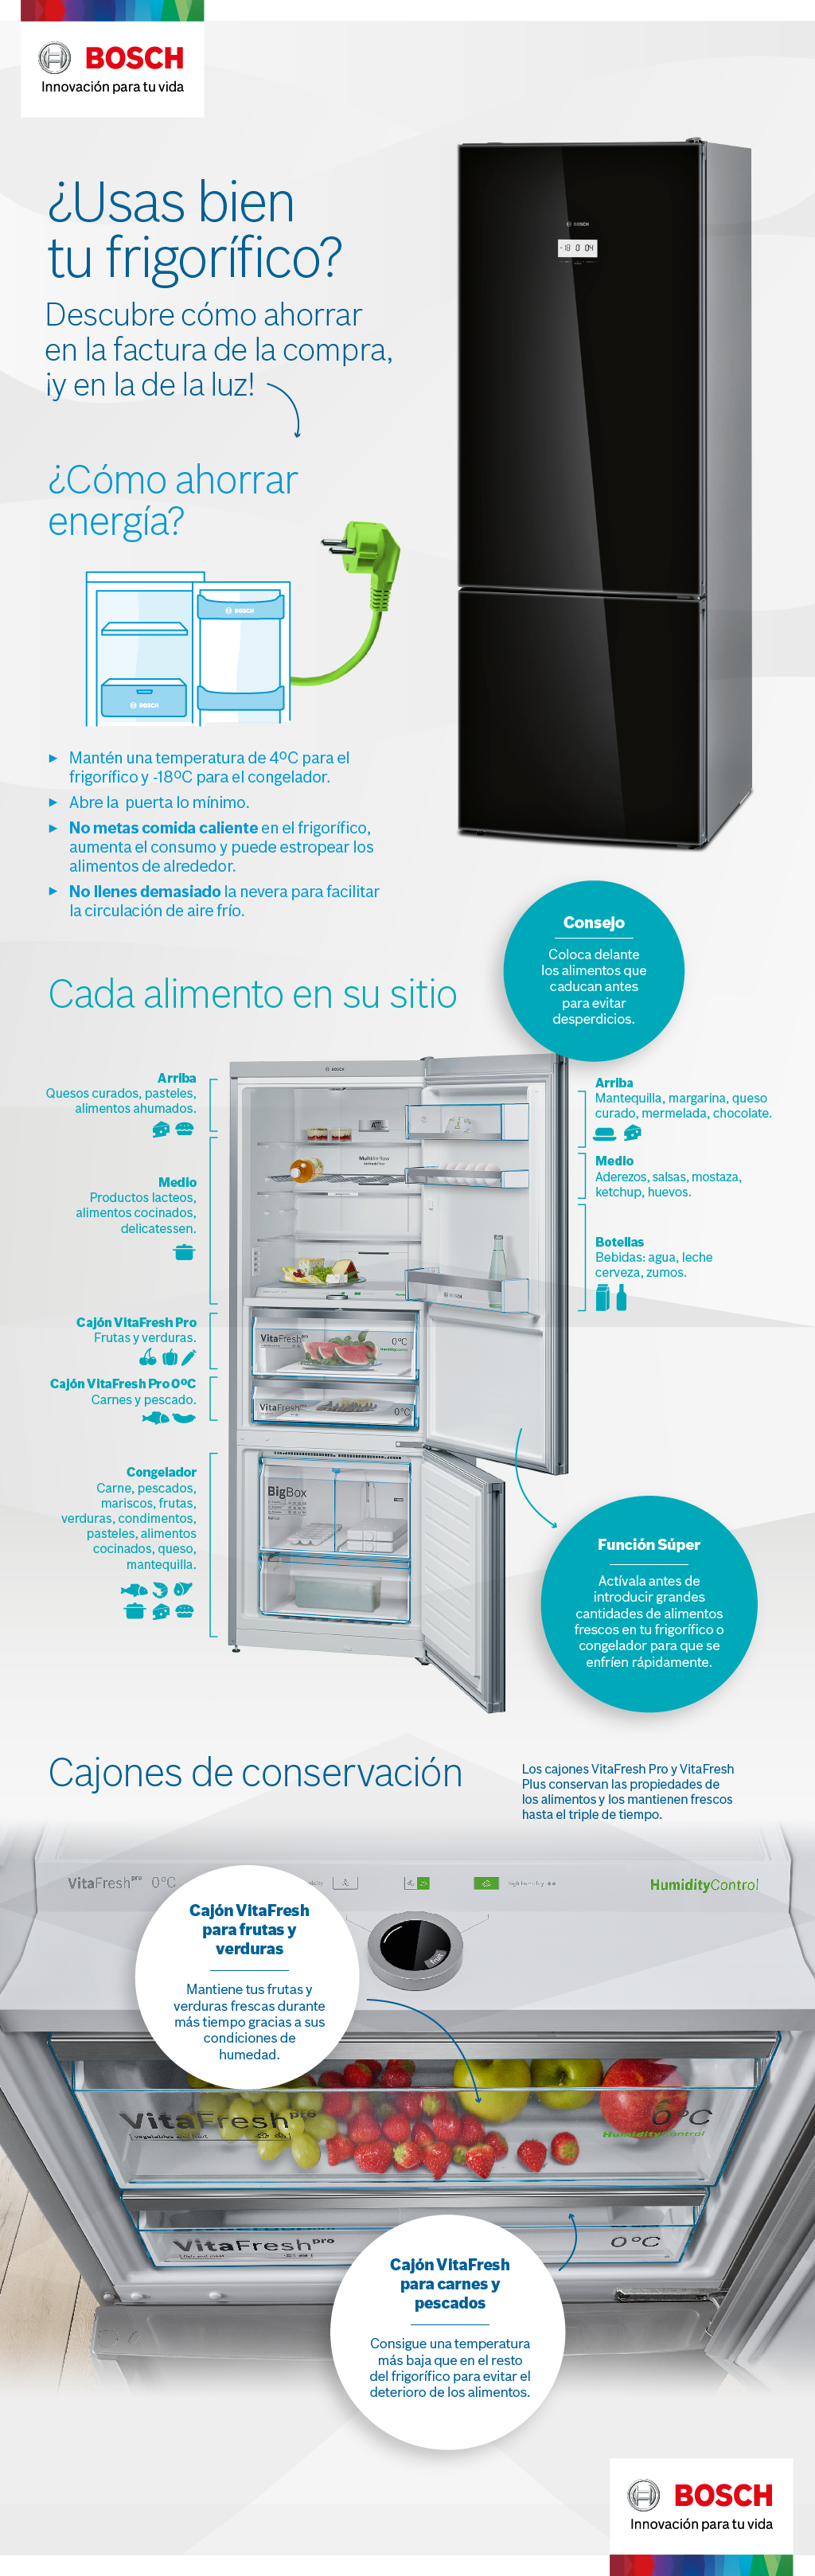 Cómo usar bien el frigorífico